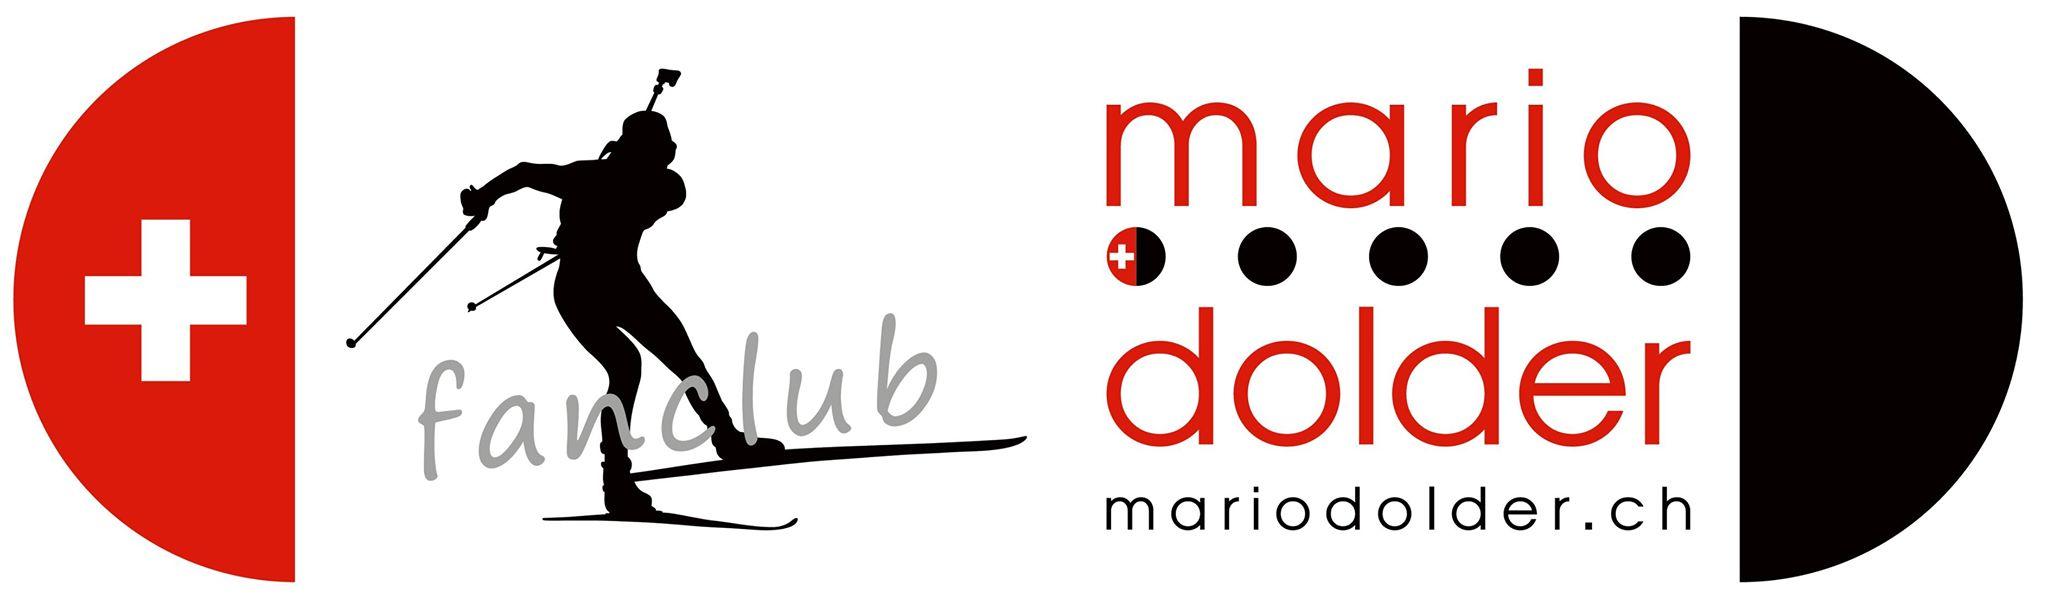 Mario Dolder Fanclub